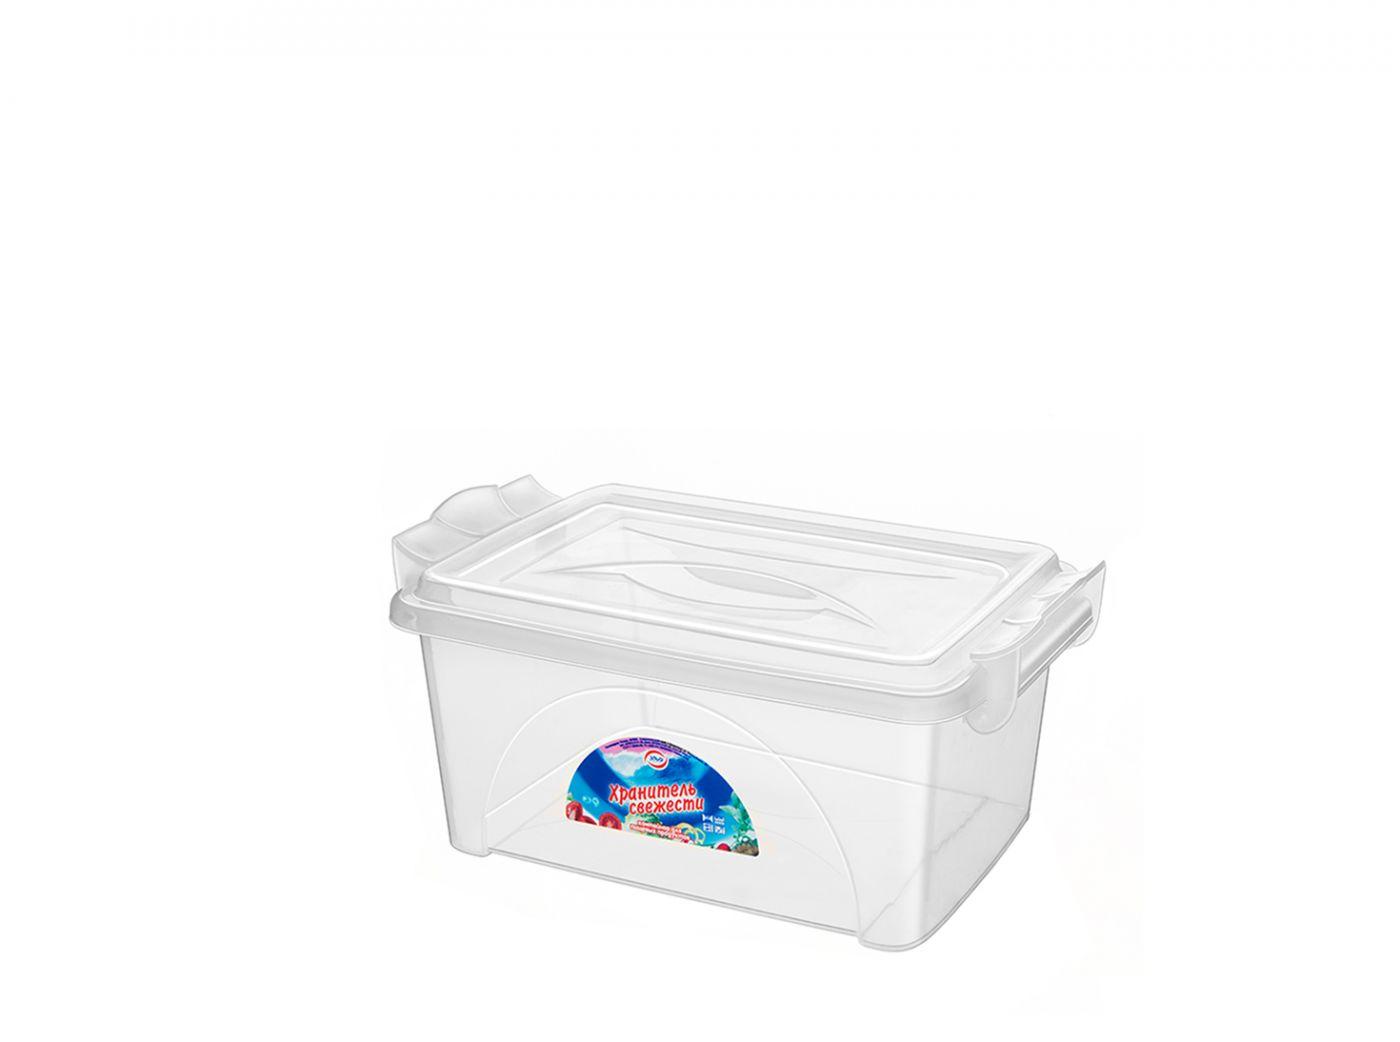 Контейнер для хранения Эльфпласт Хранитель свежести 2,5 литра прозрачный с крышкой 24,5х16х11 см